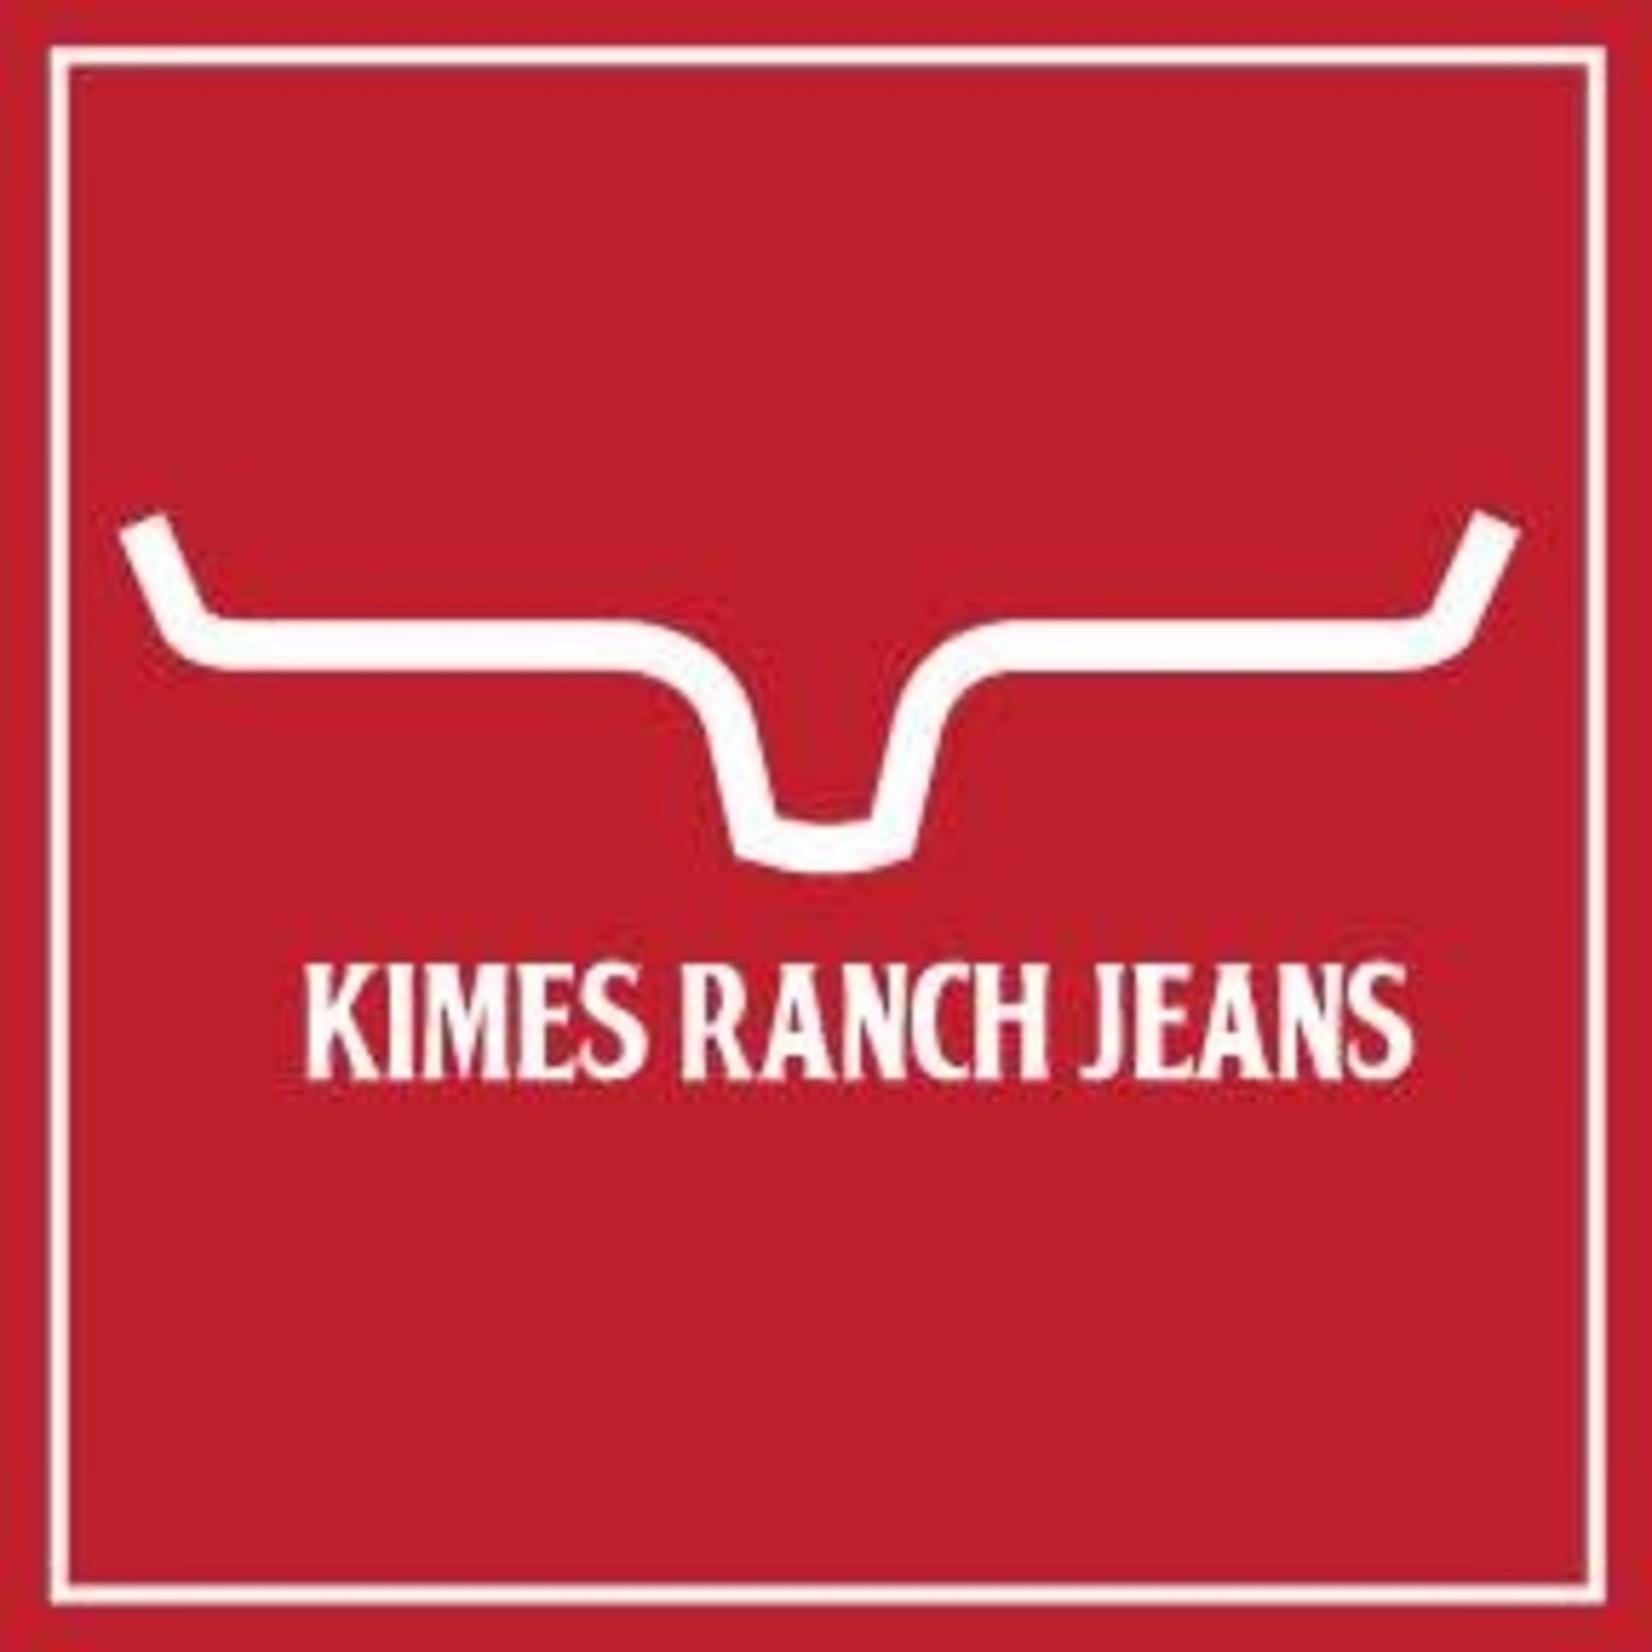 Kimes Ranch Kimes Betty Jeans